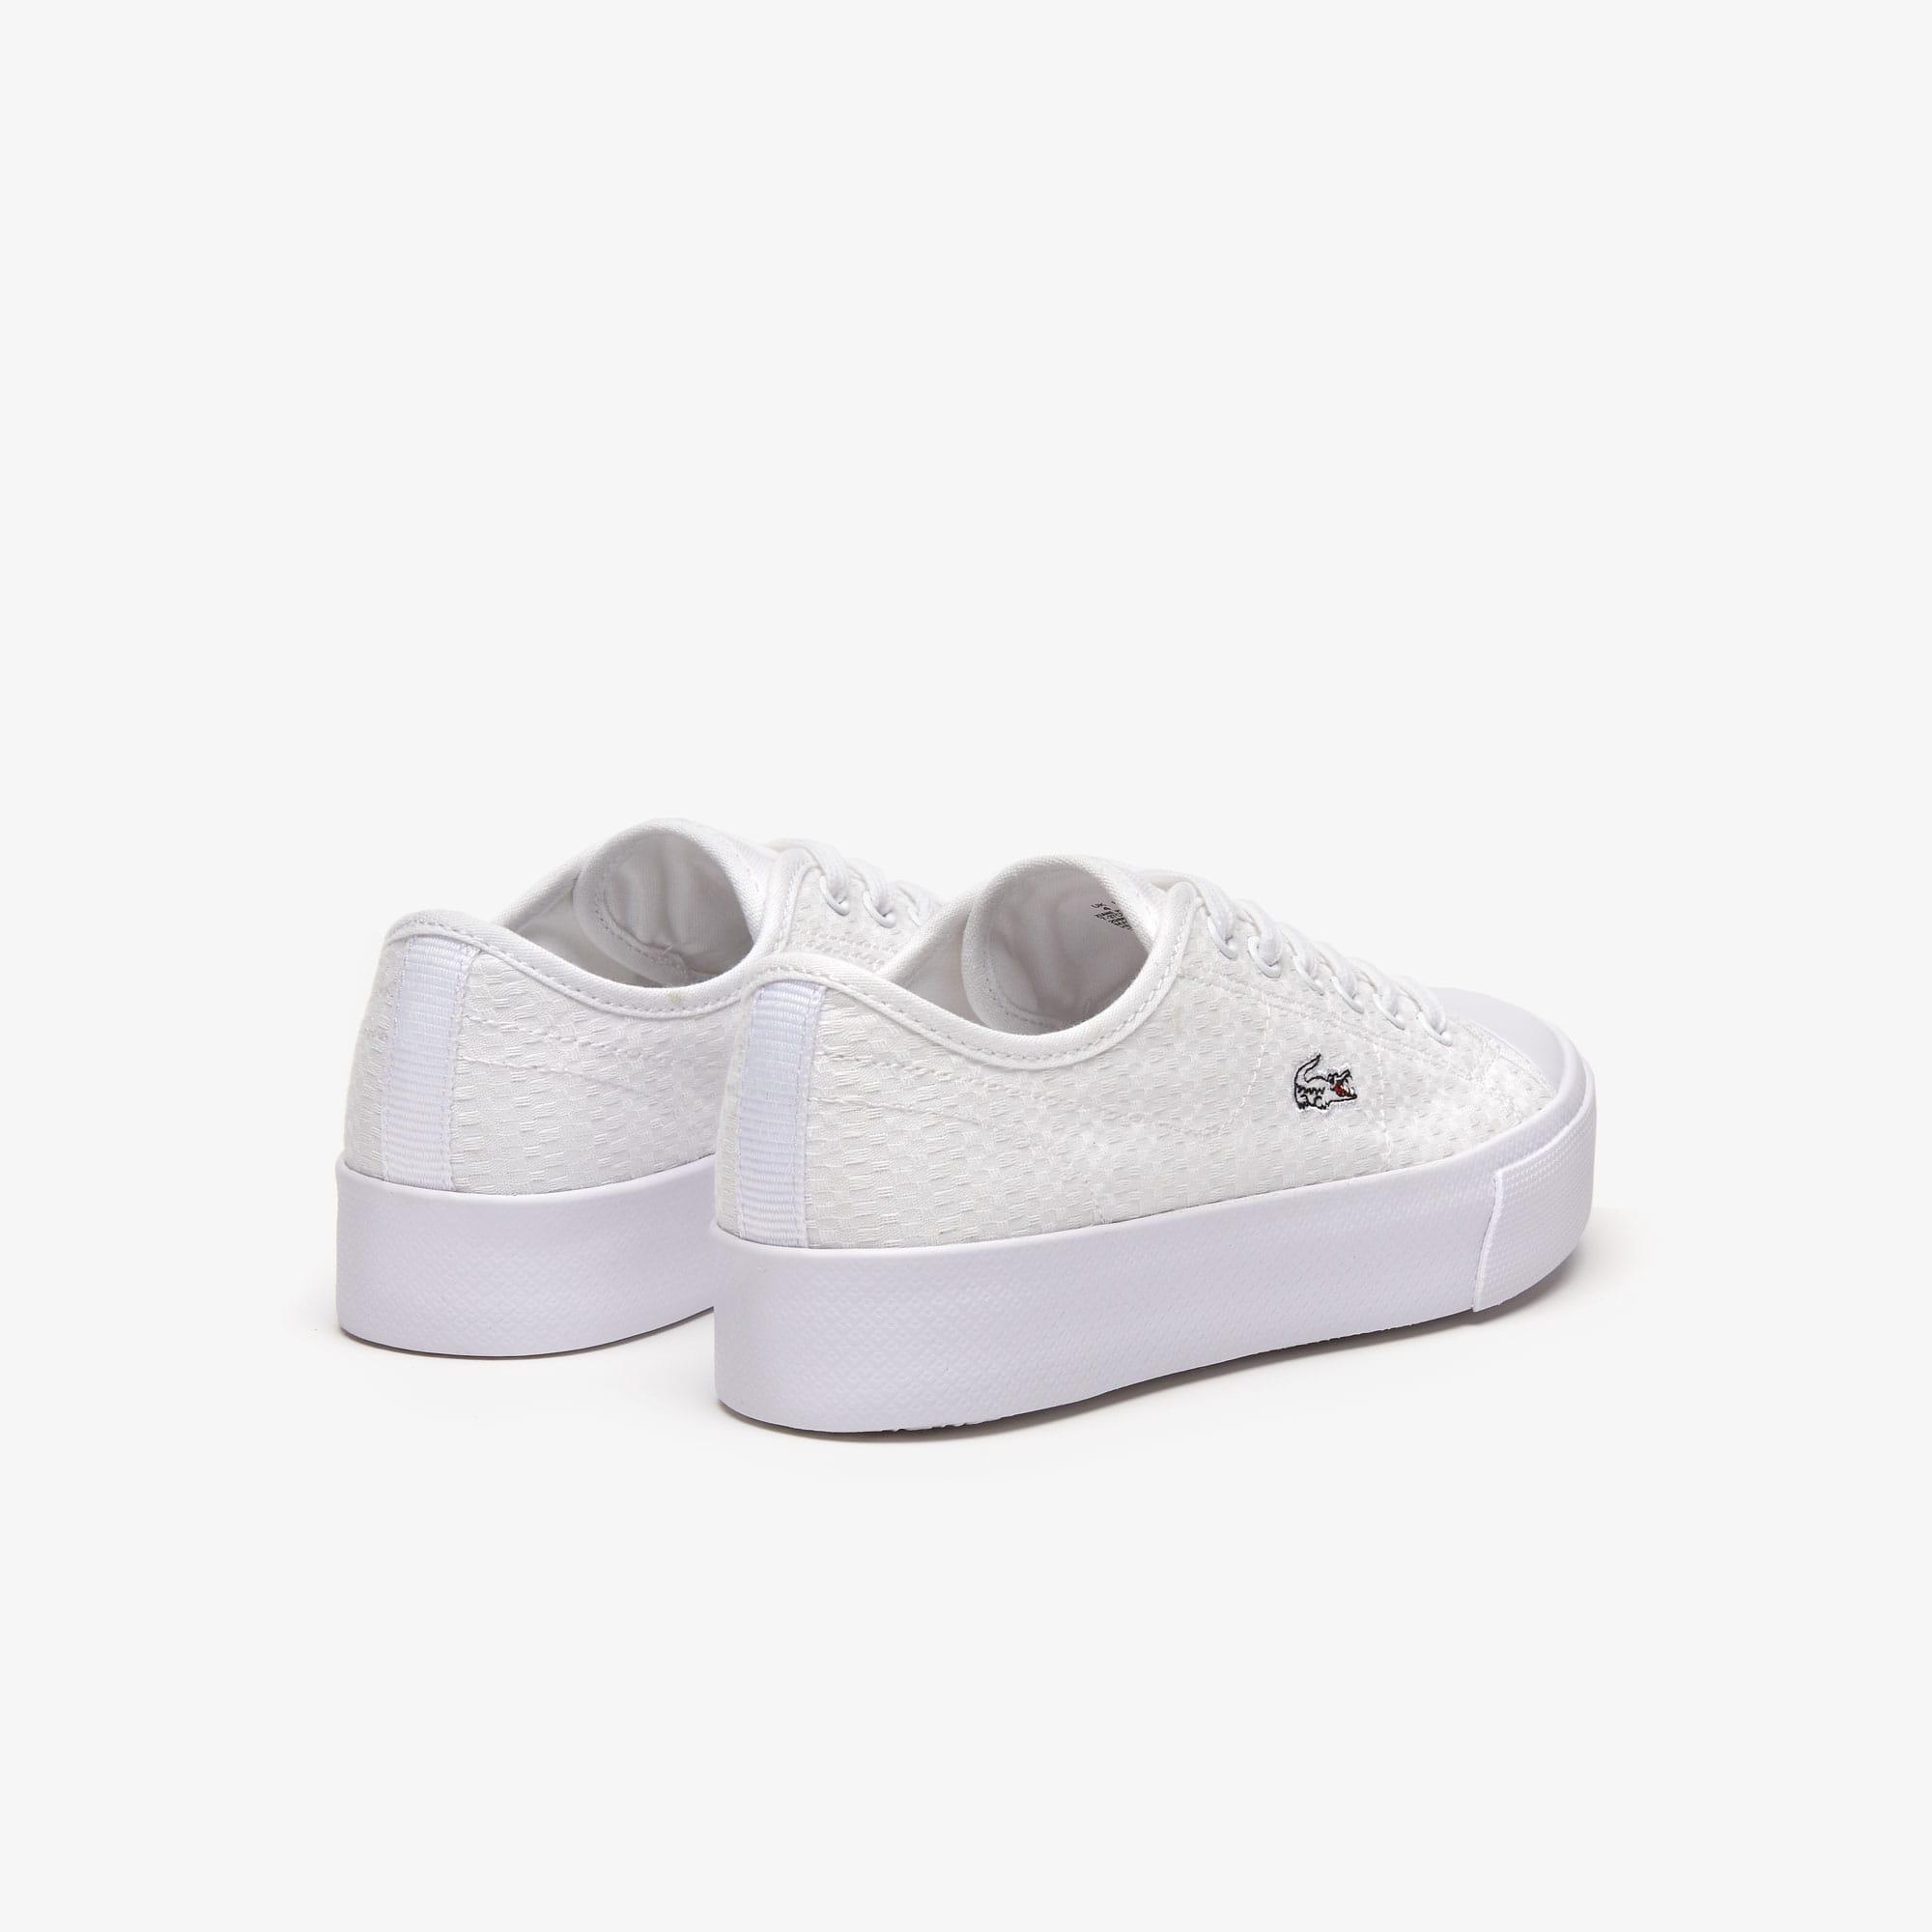 ToileLacoste Ziane Femme Ziane Sneakers Sneakers Femme En 6b7YgyIfvm